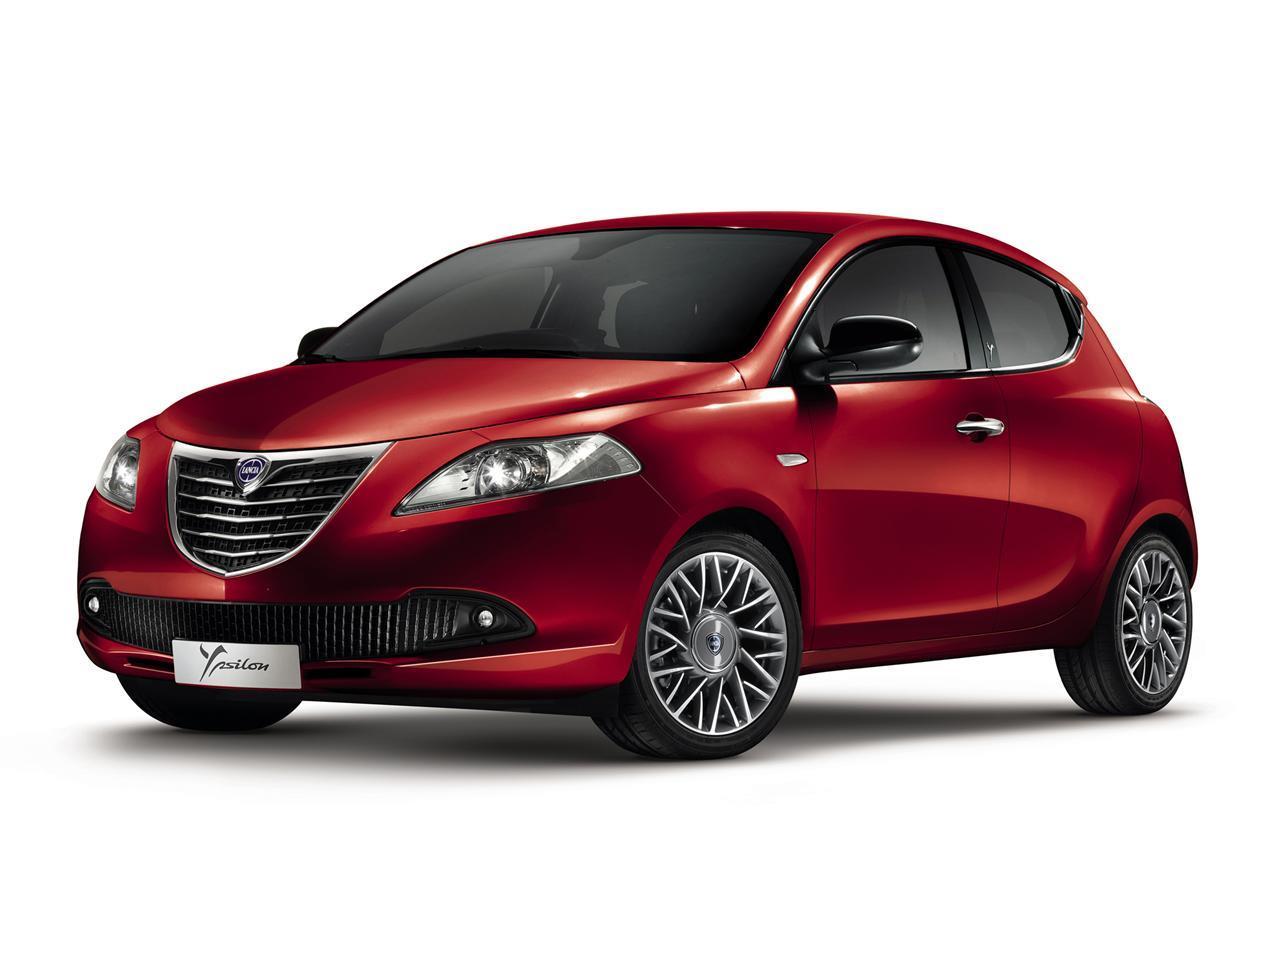 FERIA INTERNACIONAL DEL AUTOMOVILISMO,AUTOS TUNING-http://a.ccdn.es/cnet/contents/media/LANCIA/Ypsilon/405456.jpg